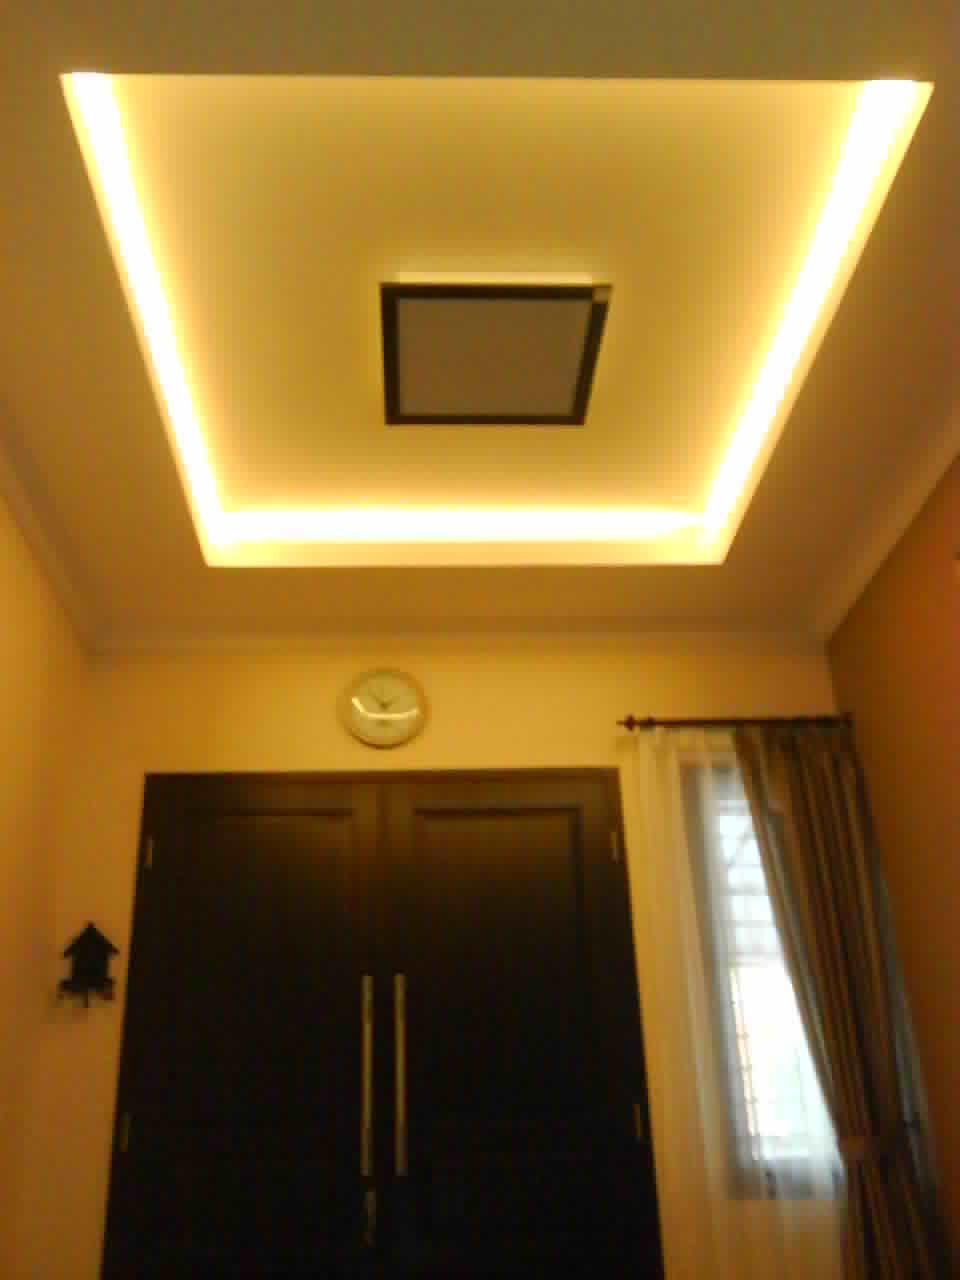 Lampu Led Untuk Ruang Tamu Desainrumahid